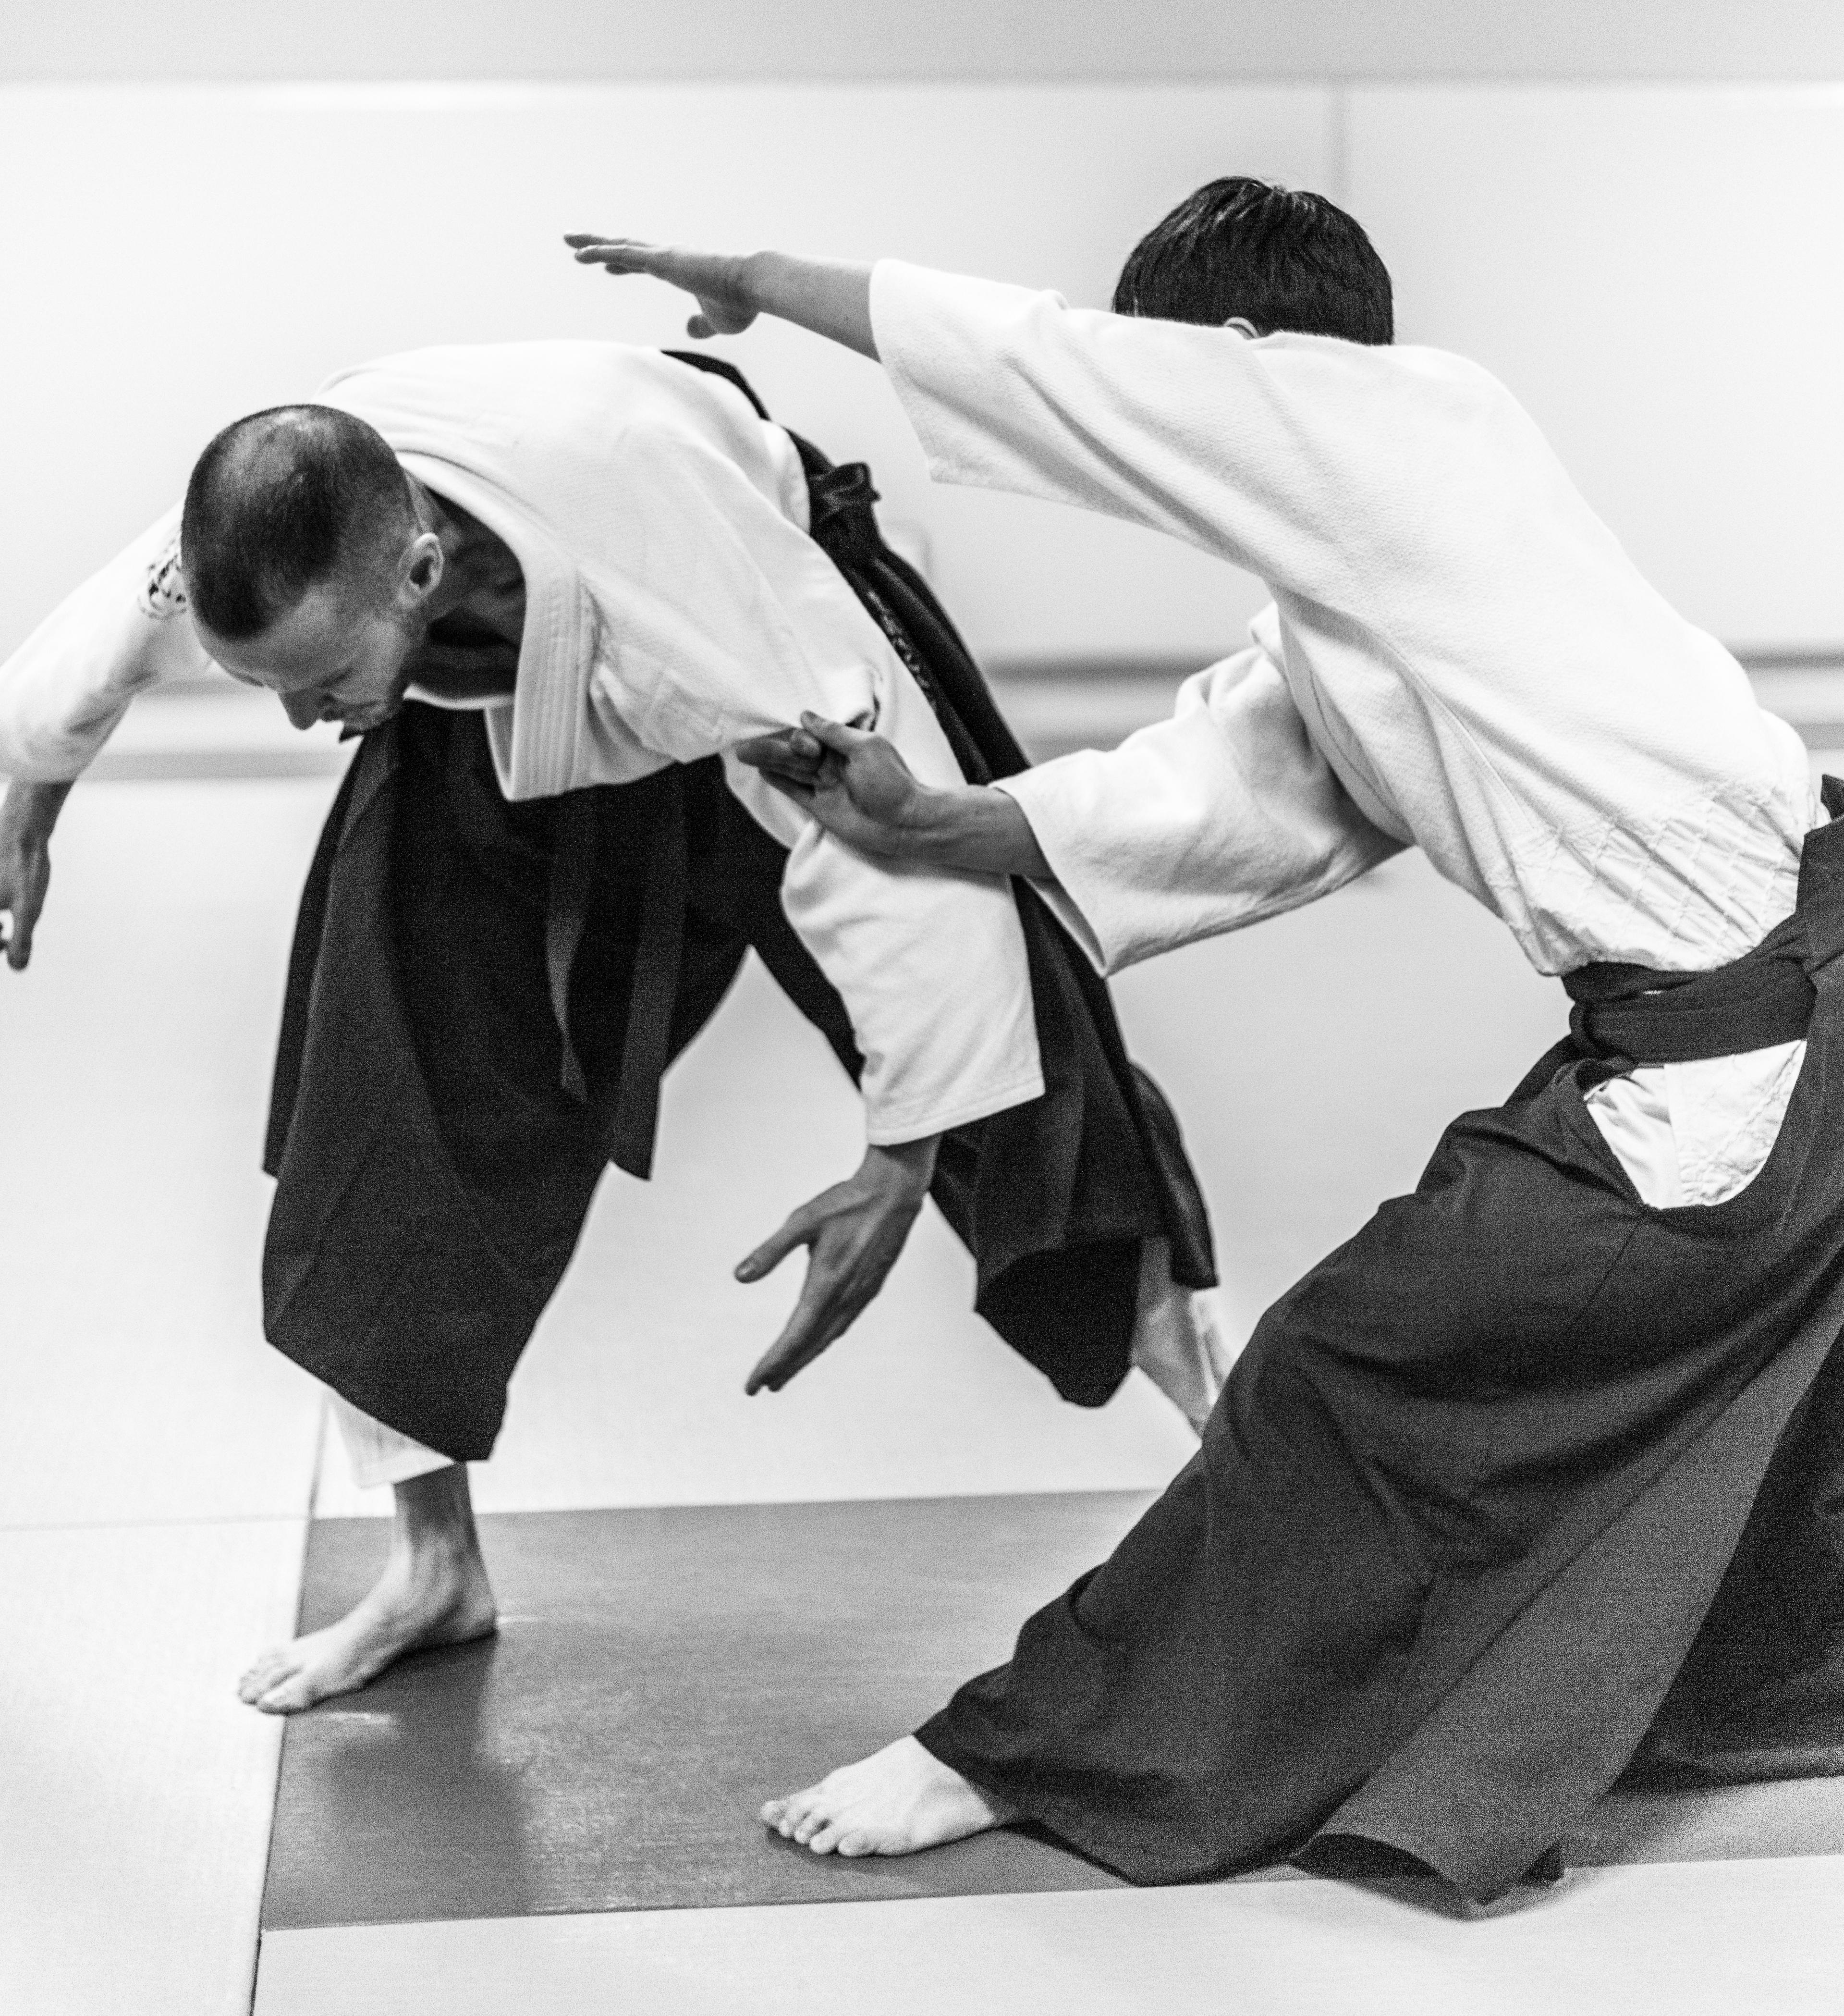 SHIRAKAWA sensei